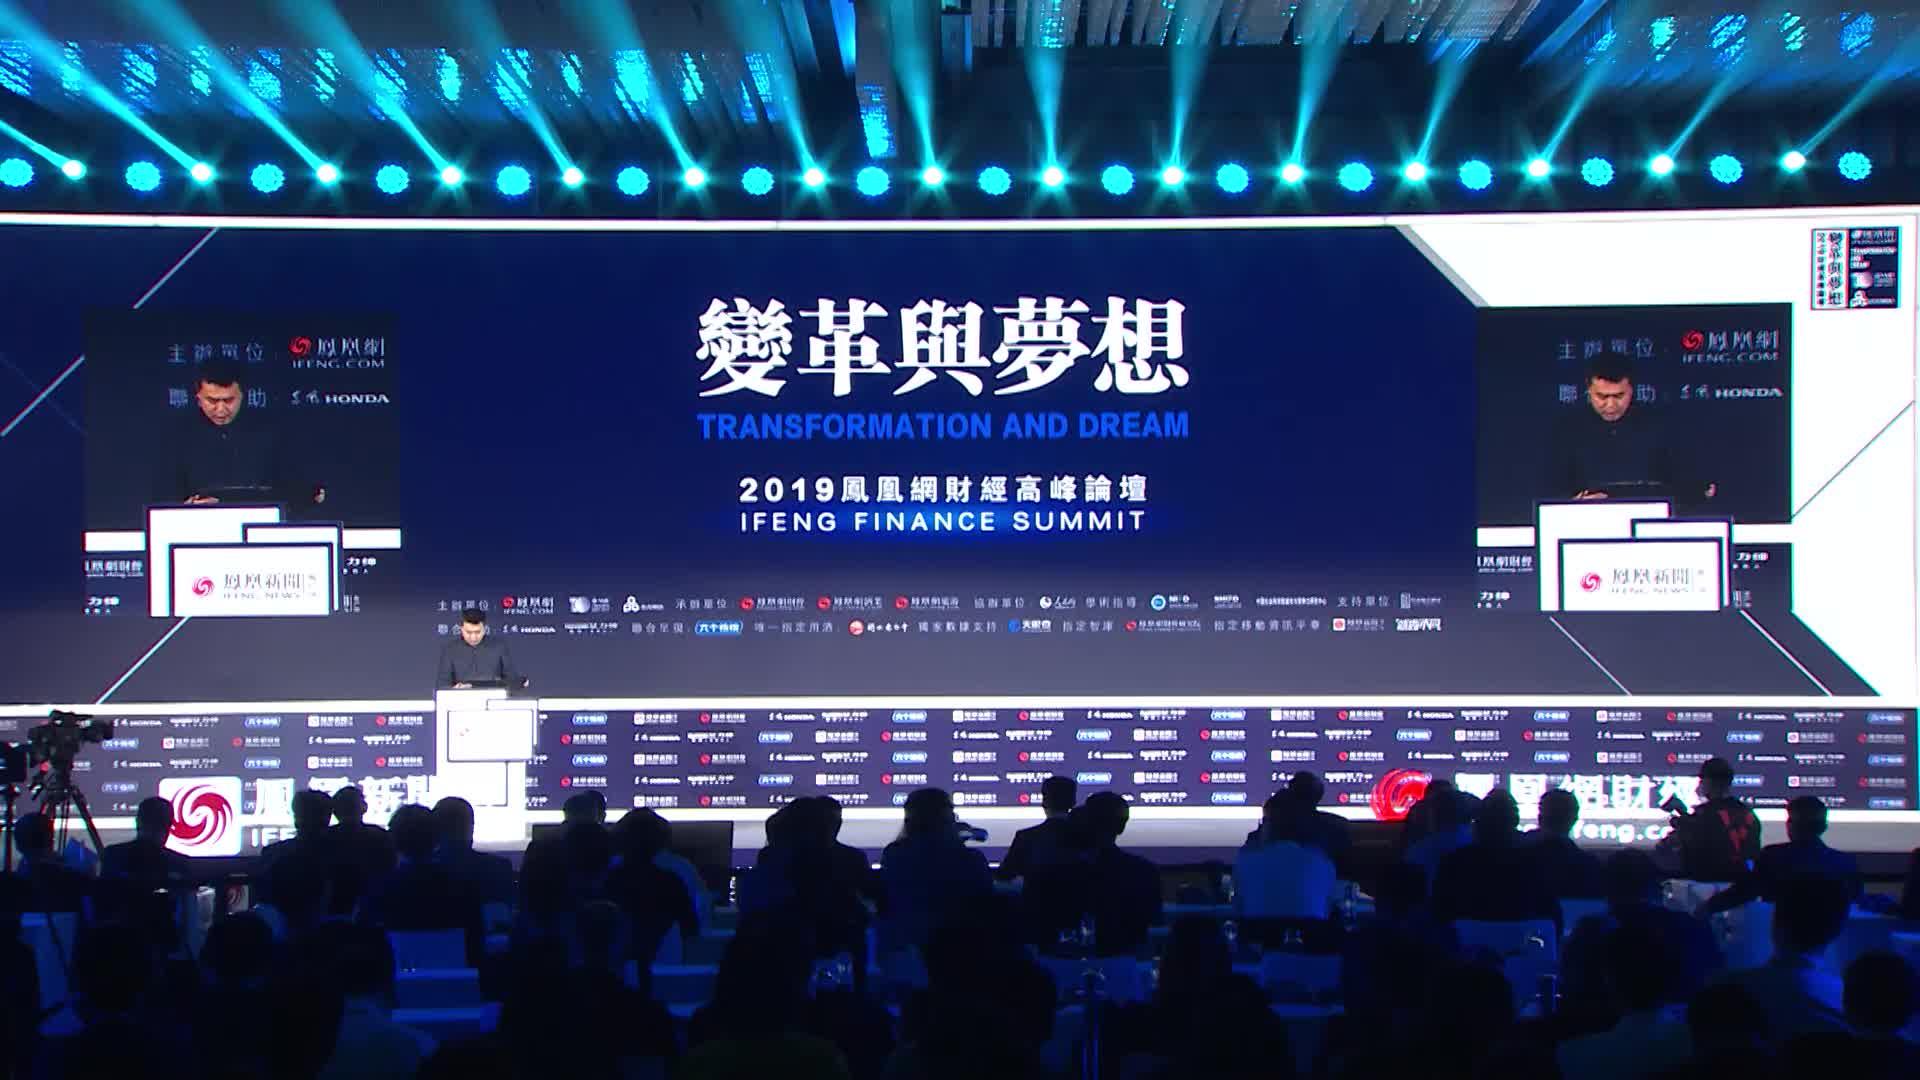 2019财经高峰论坛   凤凰网CEO 凤凰卫视COO刘爽 致辞